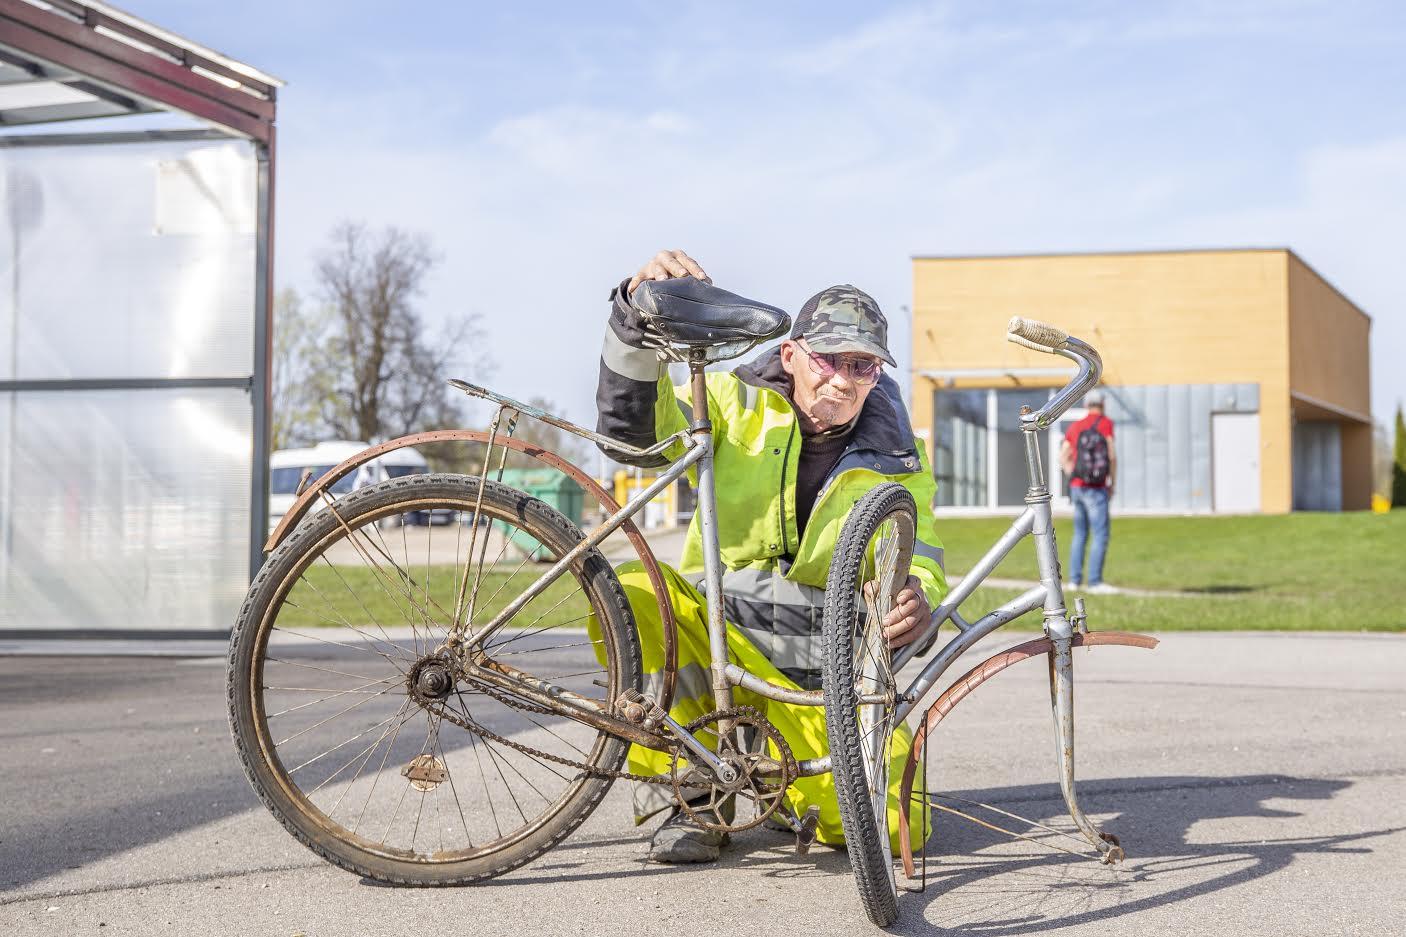 Võrumaalane Ivar Haring oli sunnitud pärast vandaalide kätetööd oma Võru bussijaama rattaparklas seisnud ratta kasutuskõlbmatuks tunnistama ja vanarauda viima. FOTO: Aigar Nagel